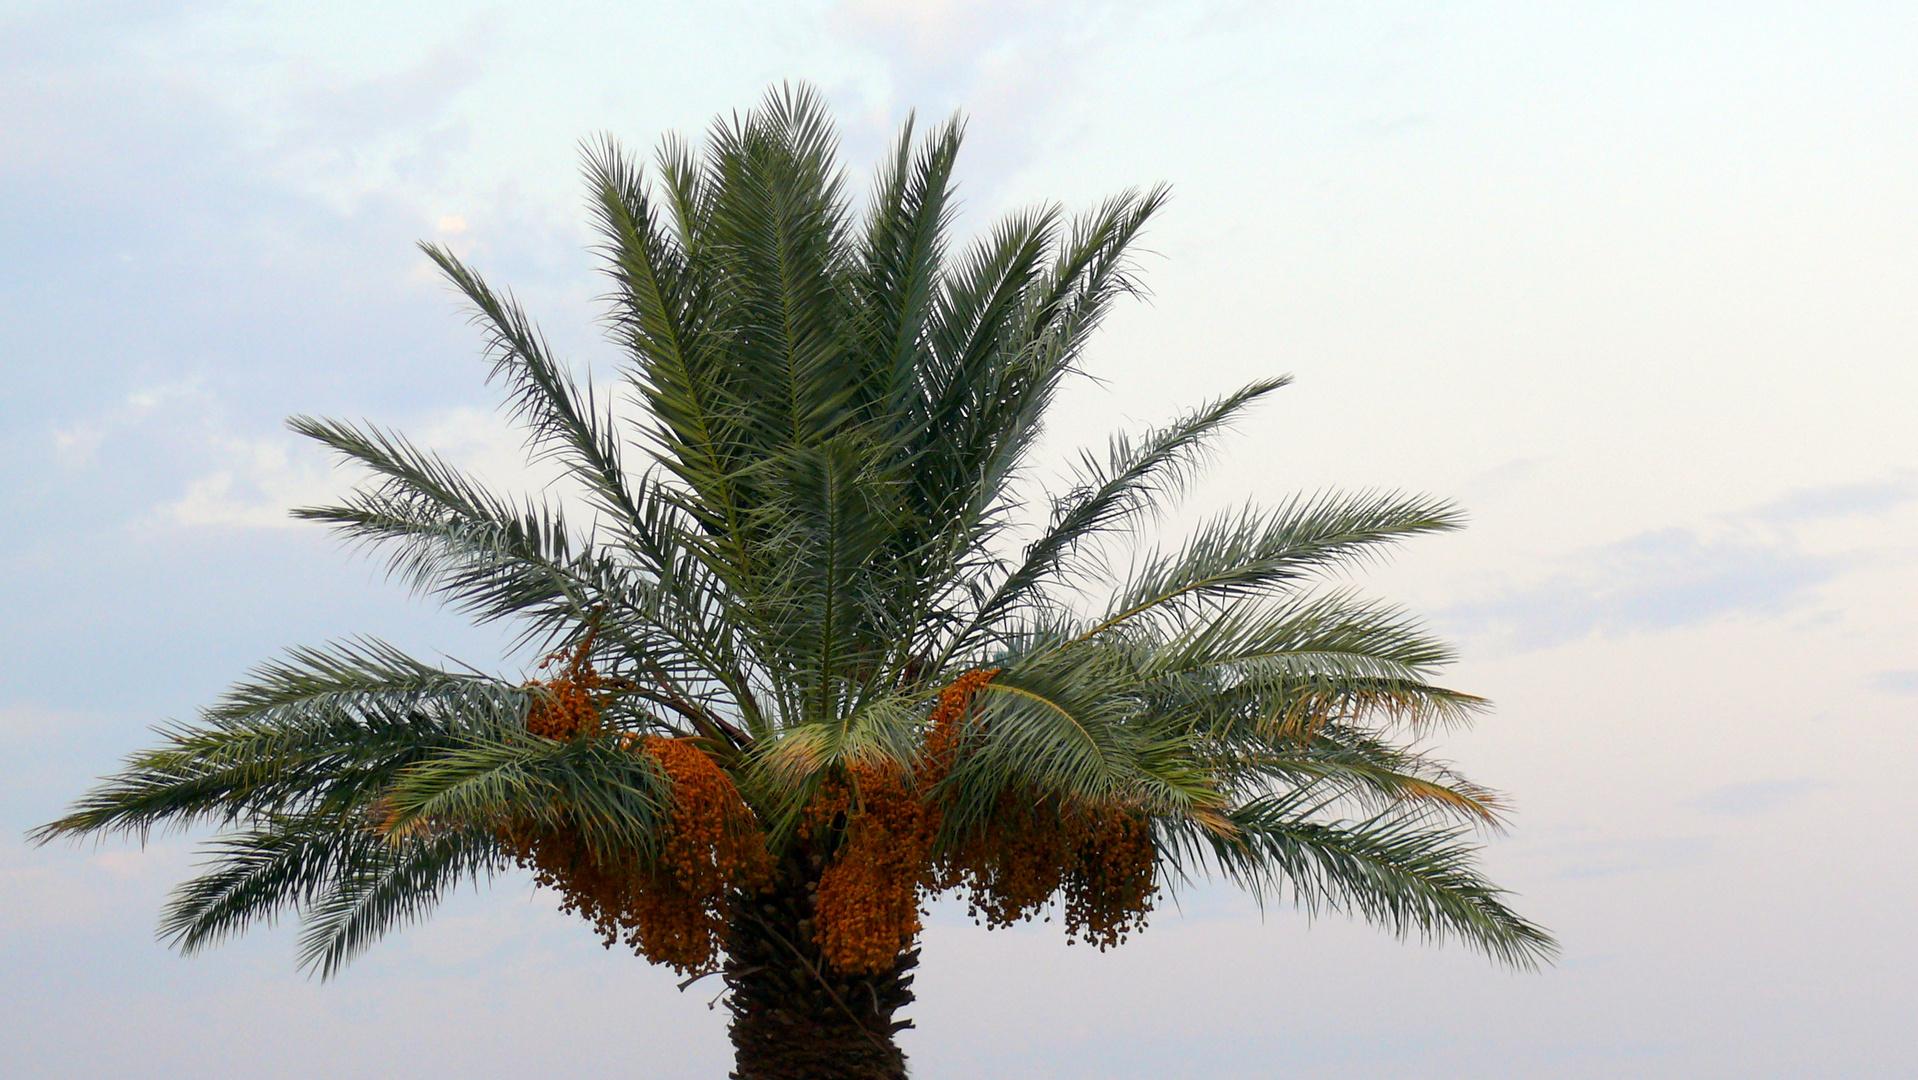 Le palmier de Laughlin